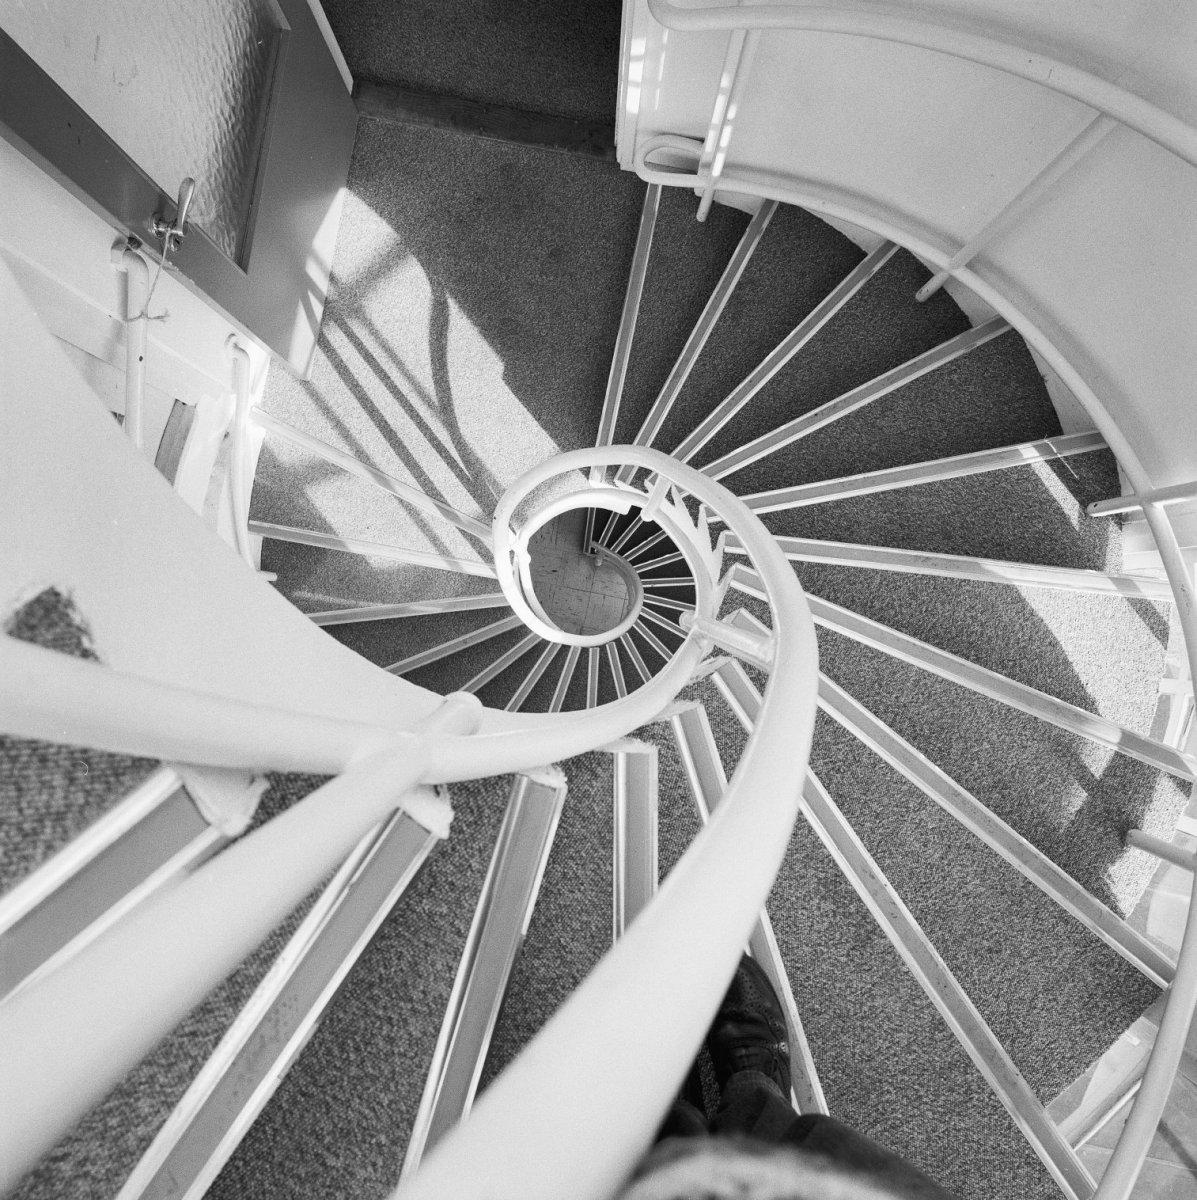 File interieur overzicht interne trappenhuis van boven naar beneden gefotografeerd wenteltrap - Decoratie van trappenhuis ...